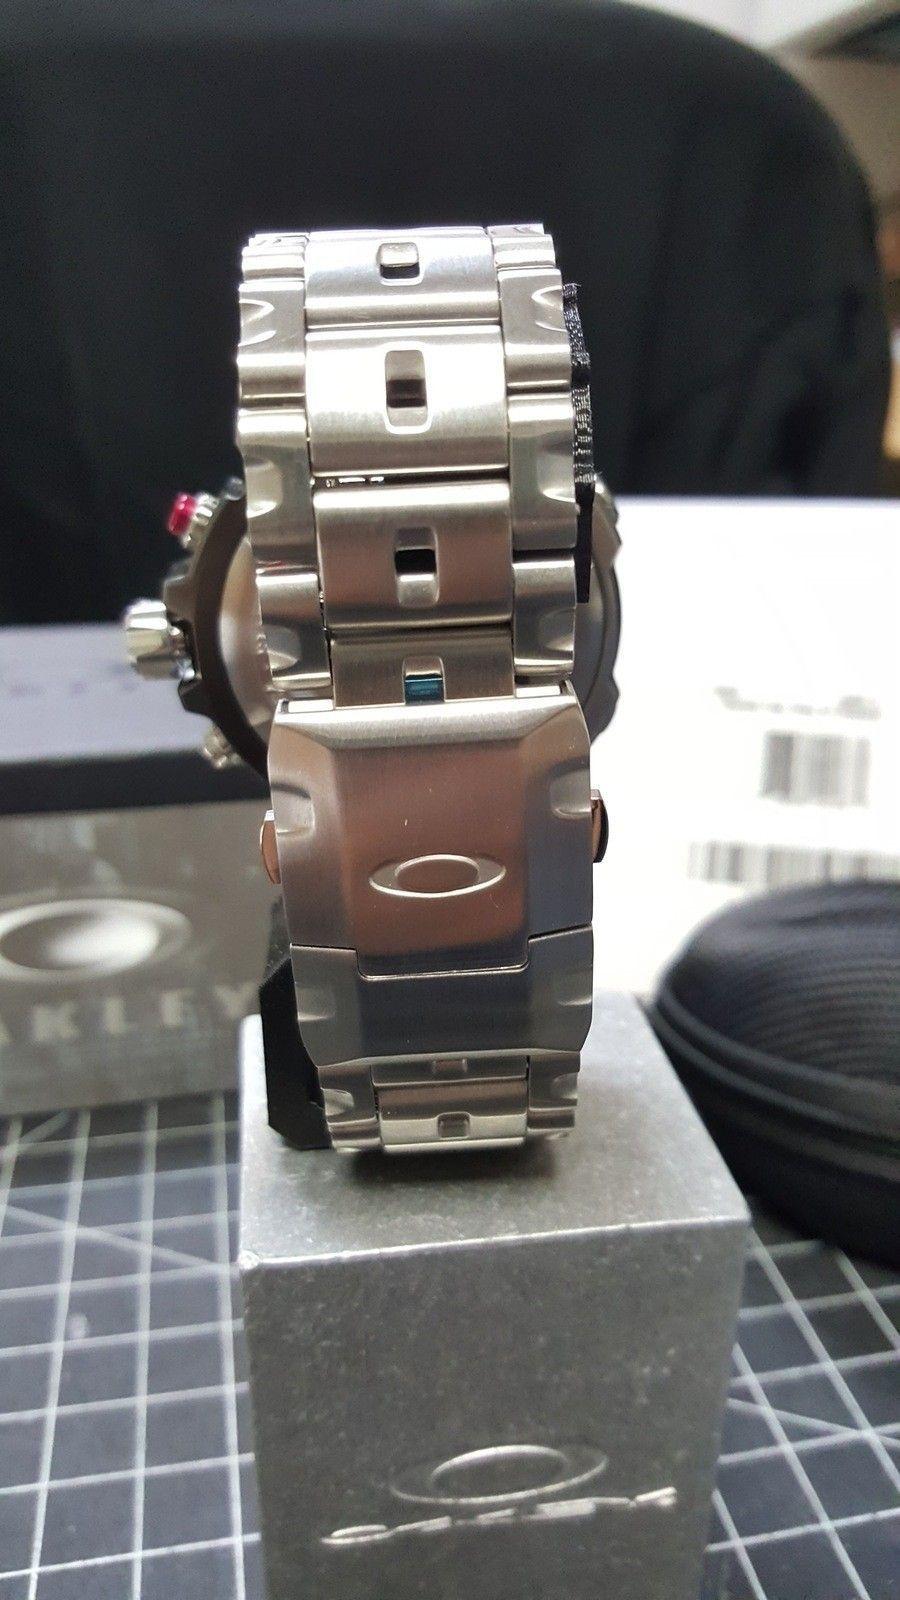 Double Tap - 800.00 Watch - Total Cost - Nib. w/metal bracelet w/case CONUS - 20160111_095009.jpg